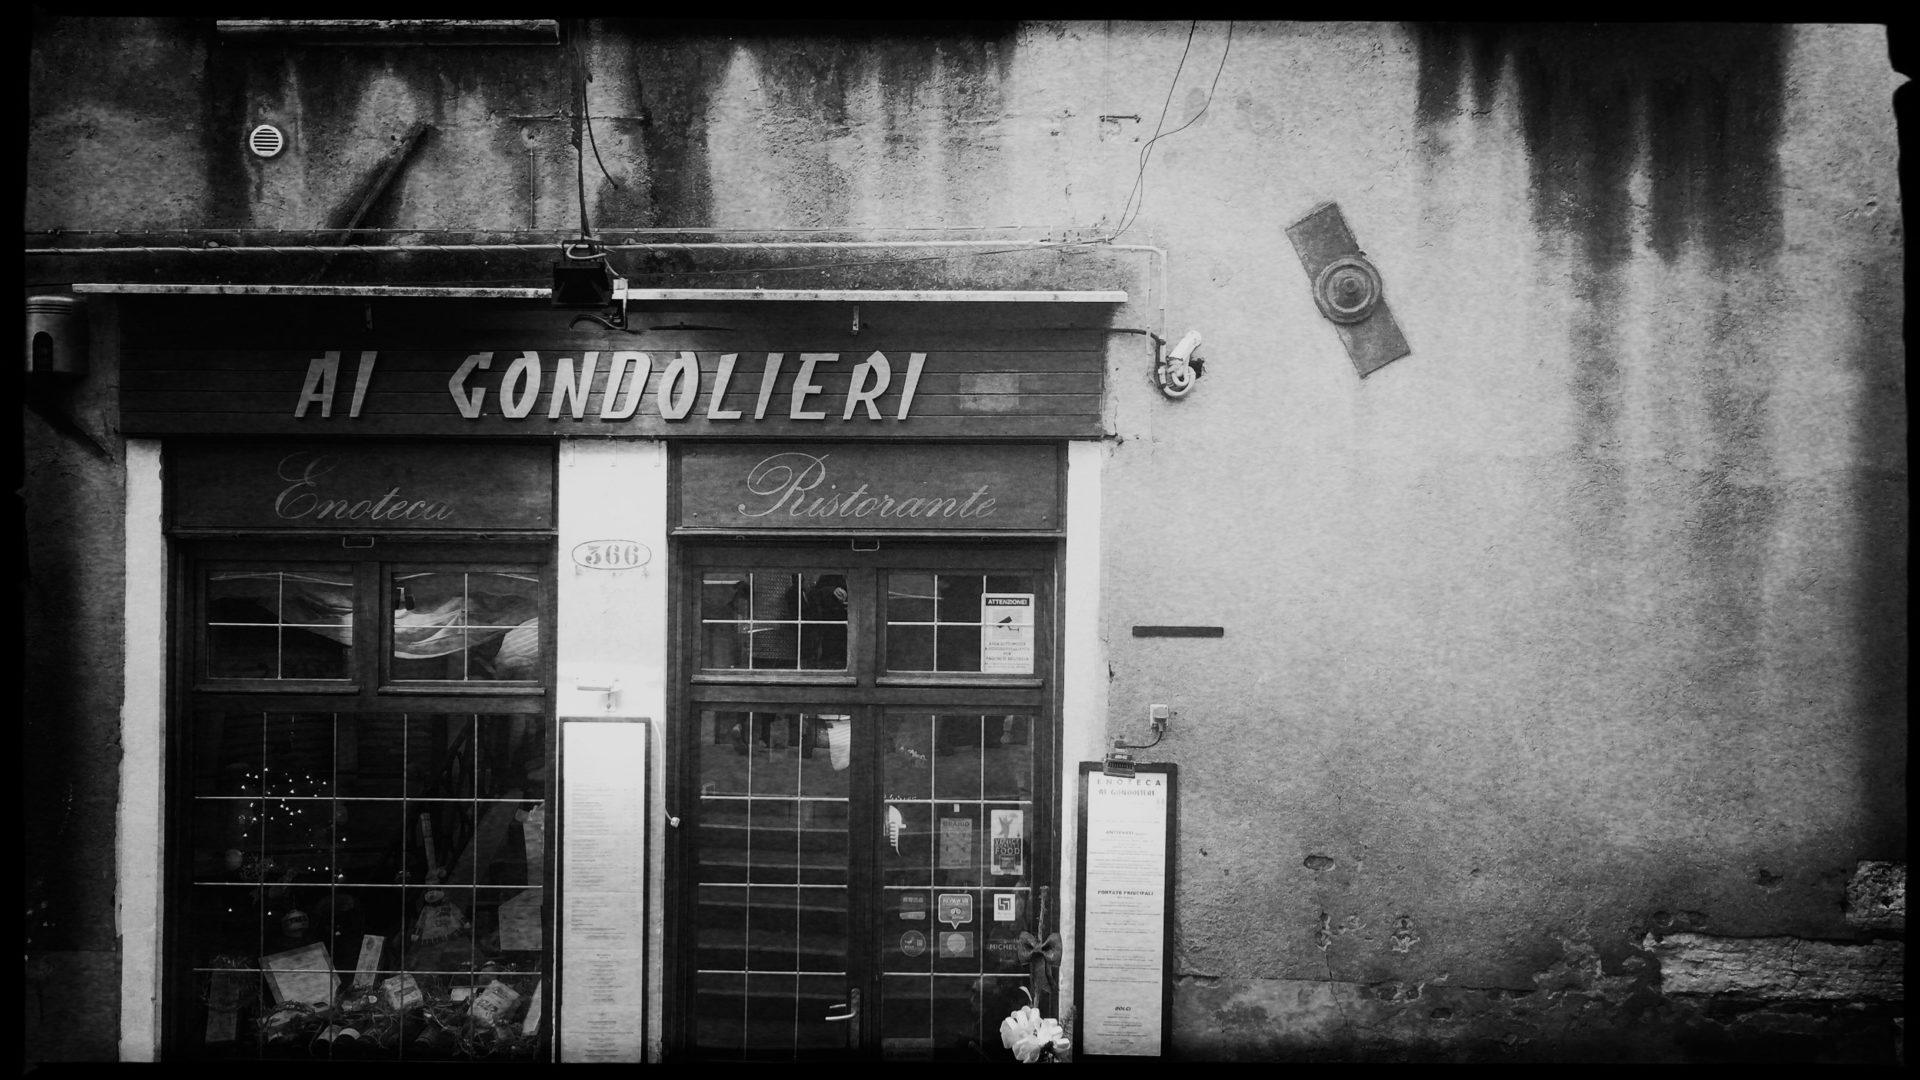 Ein Geheimtipp: Das Restaurant »Ai Gondolieri« in Venedig